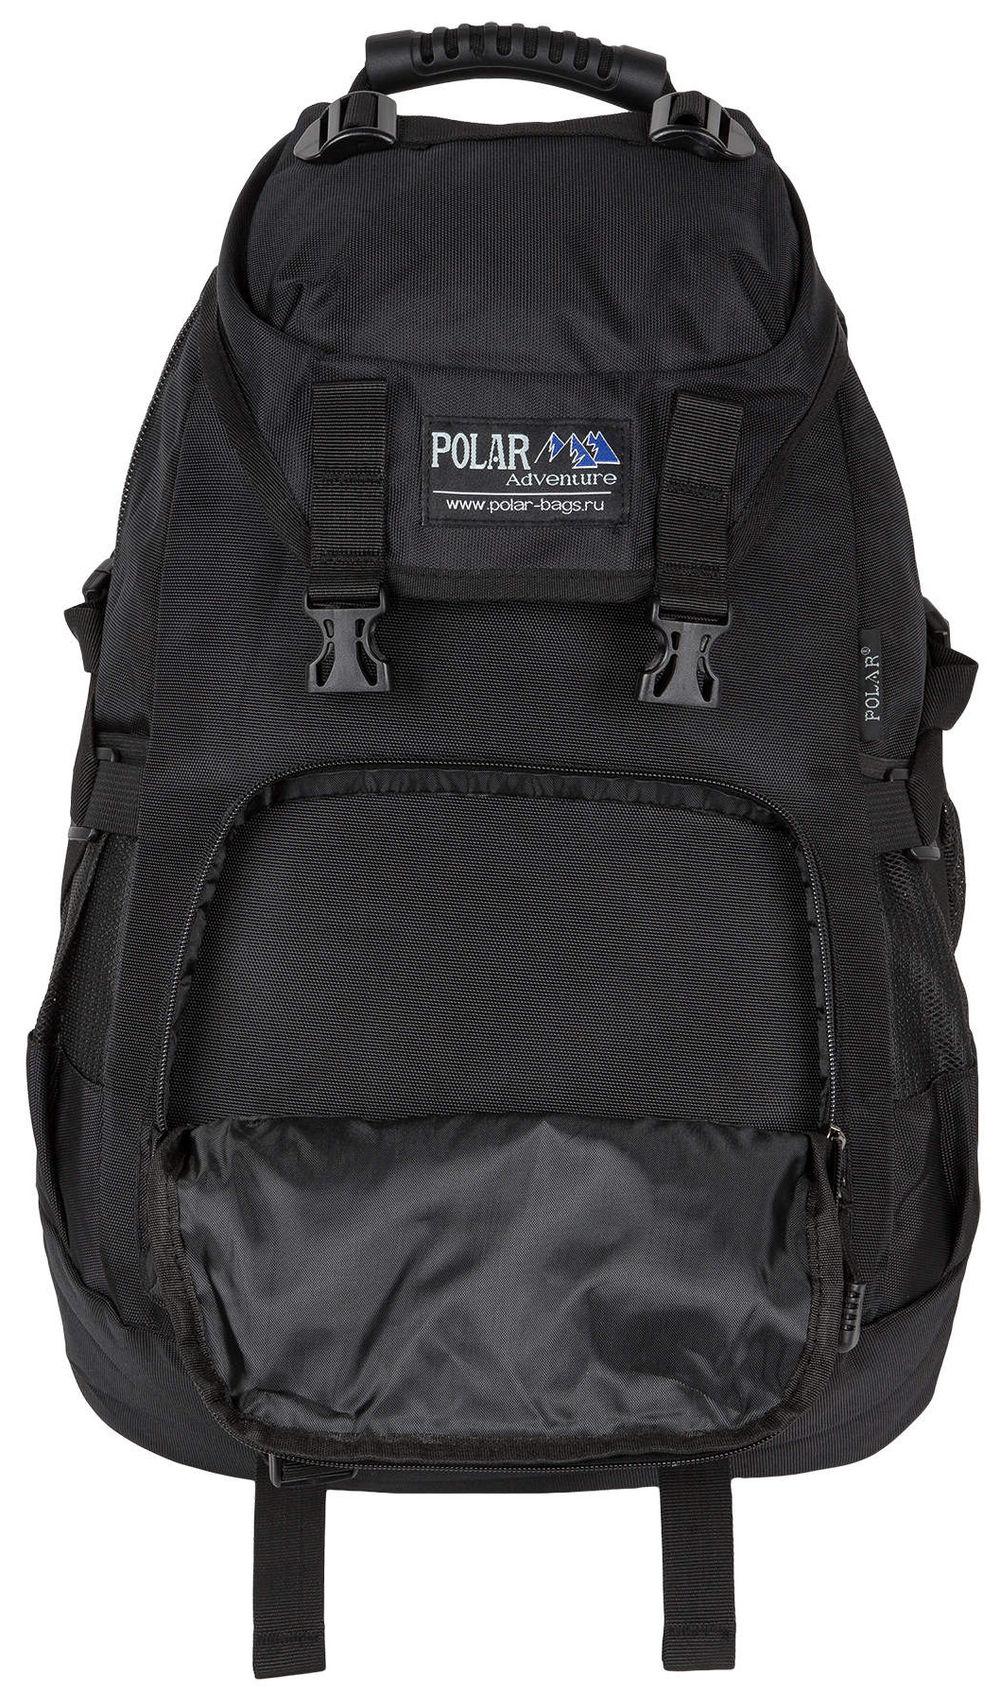 97650ecad551 Рюкзак 2818 (29,4 л  чёрный) Polar   купить в интернет-магазине с ...